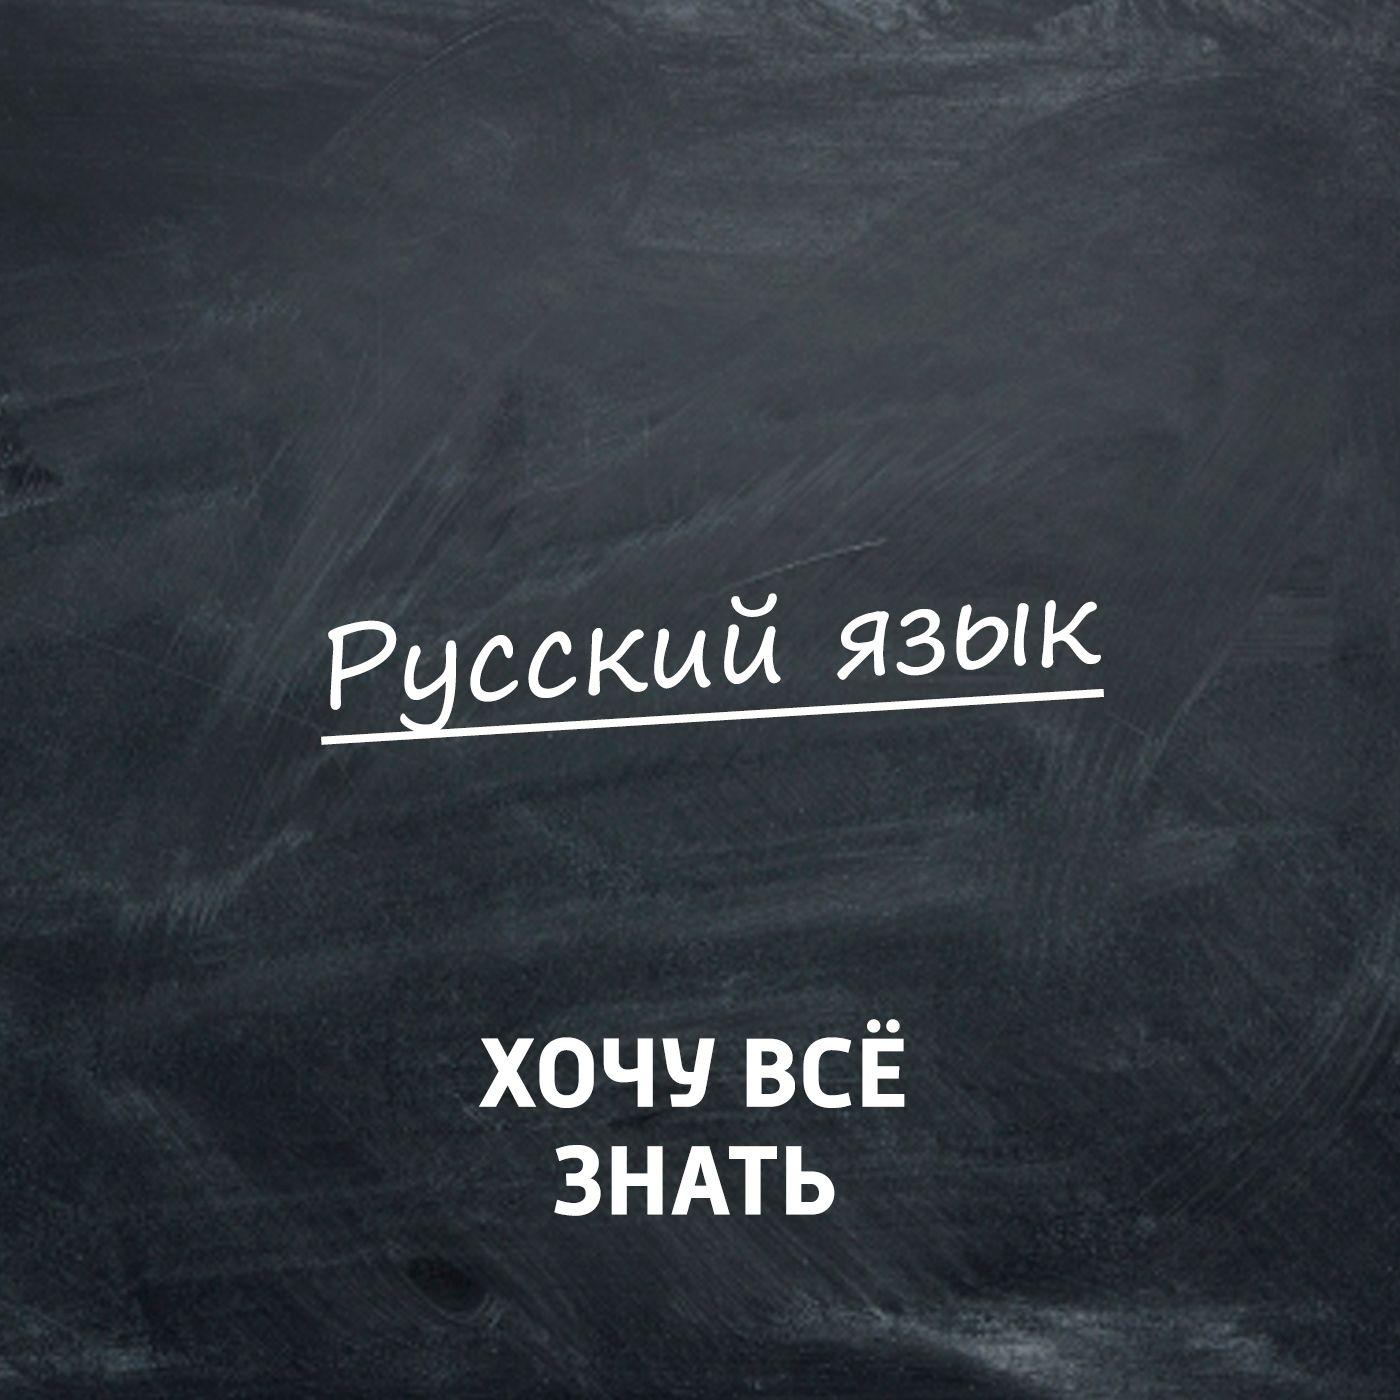 Олимпиадные задачи по русскому языку. Часть 52 фото